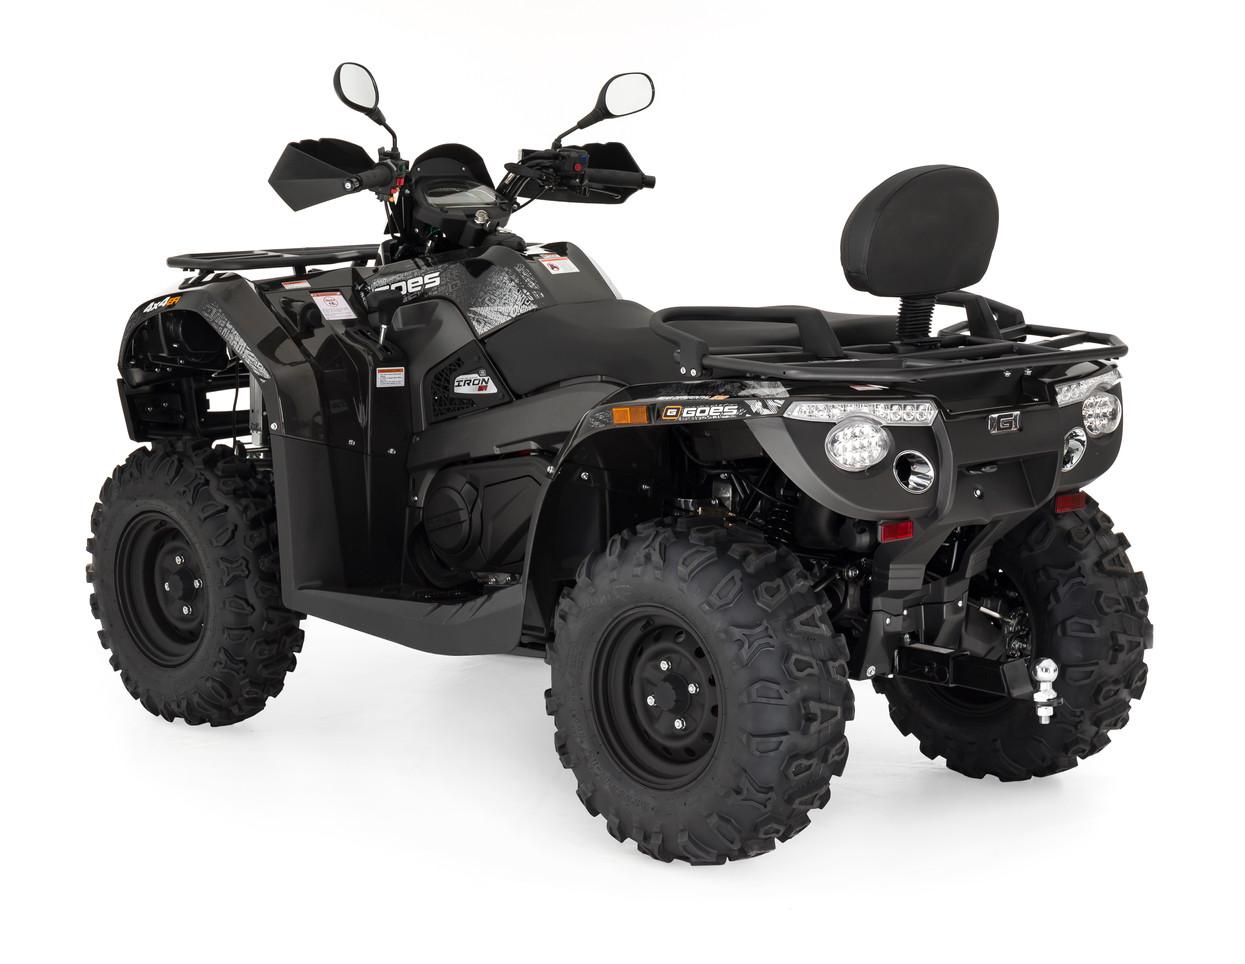 Iron 450i Max Basic